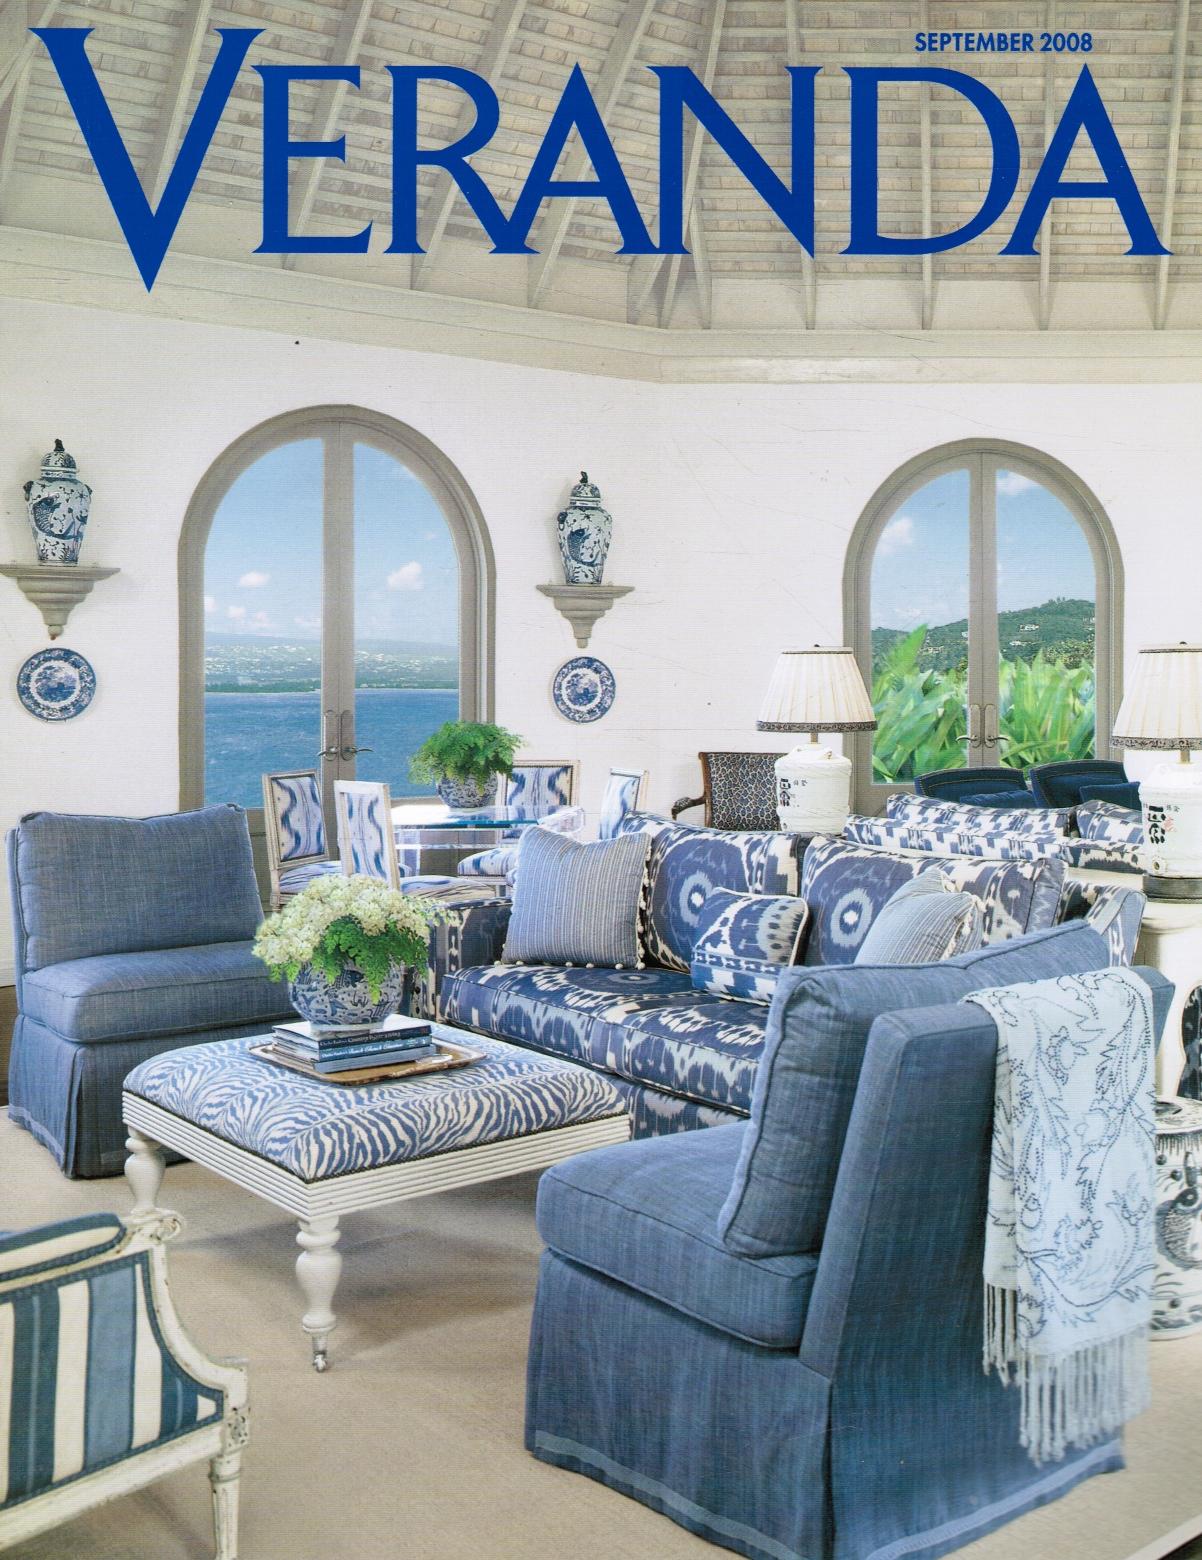 Image for Veranda, September 2008 Issue